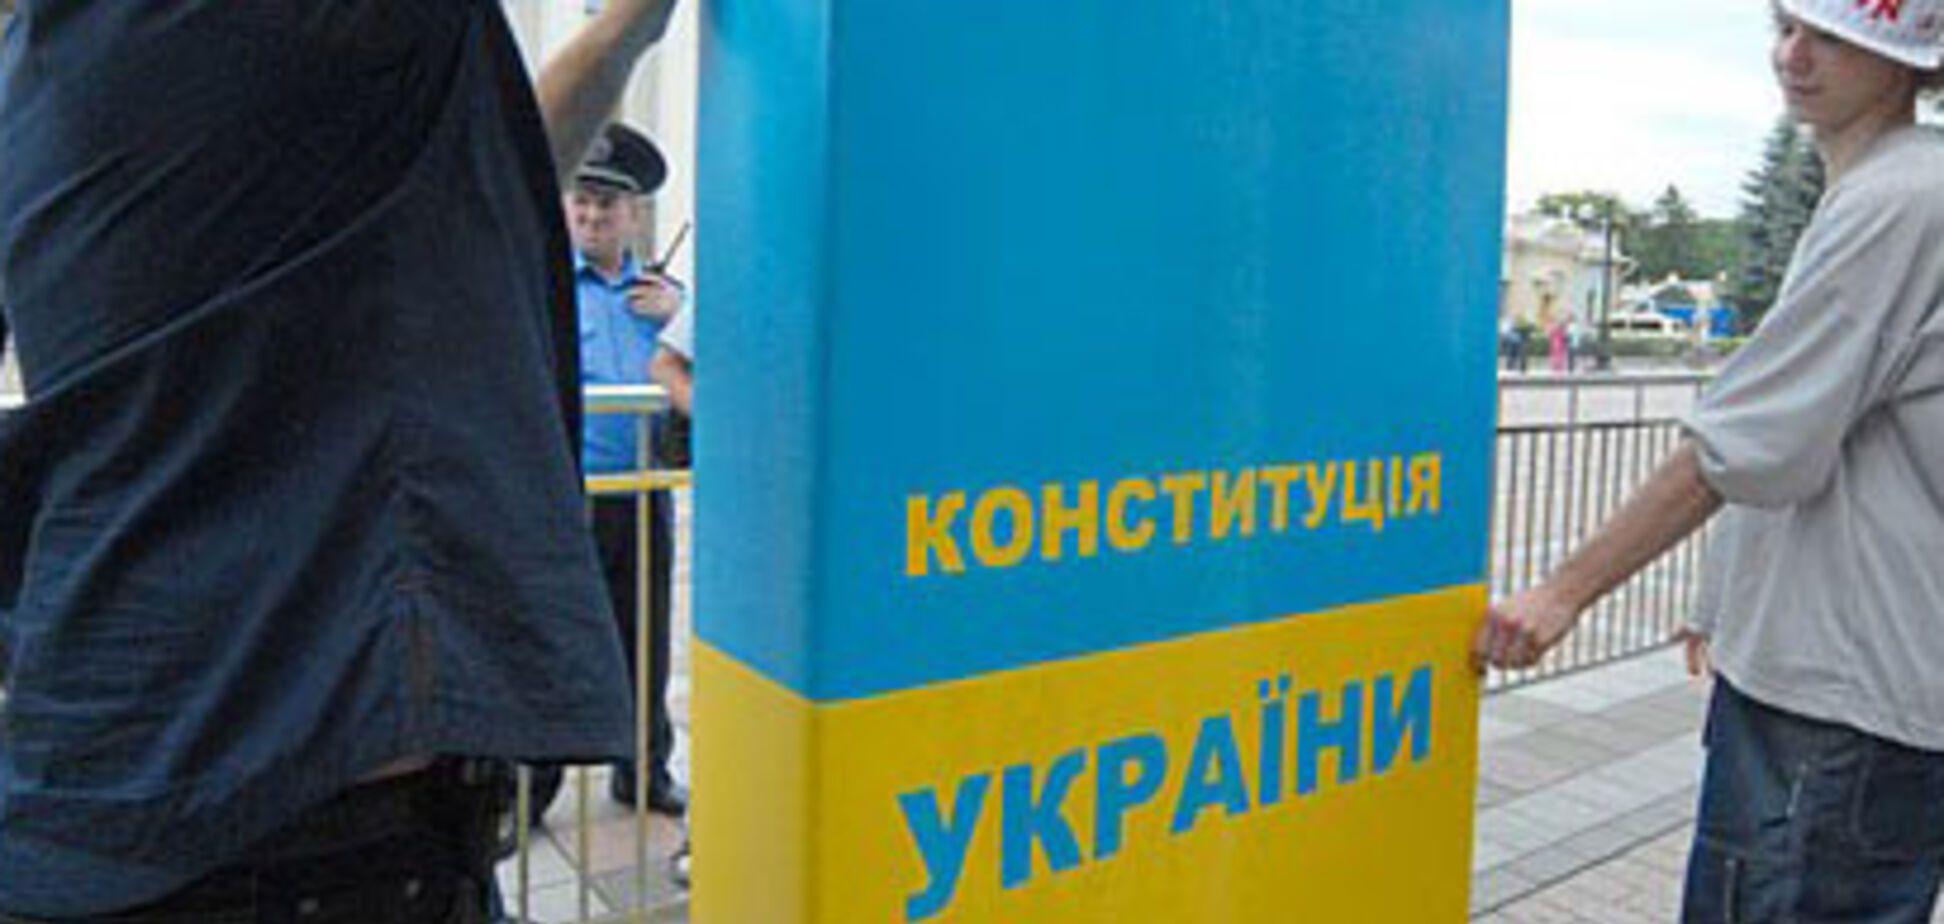 Тимошенко: ще немає такої Конституції, щоб усім підходила